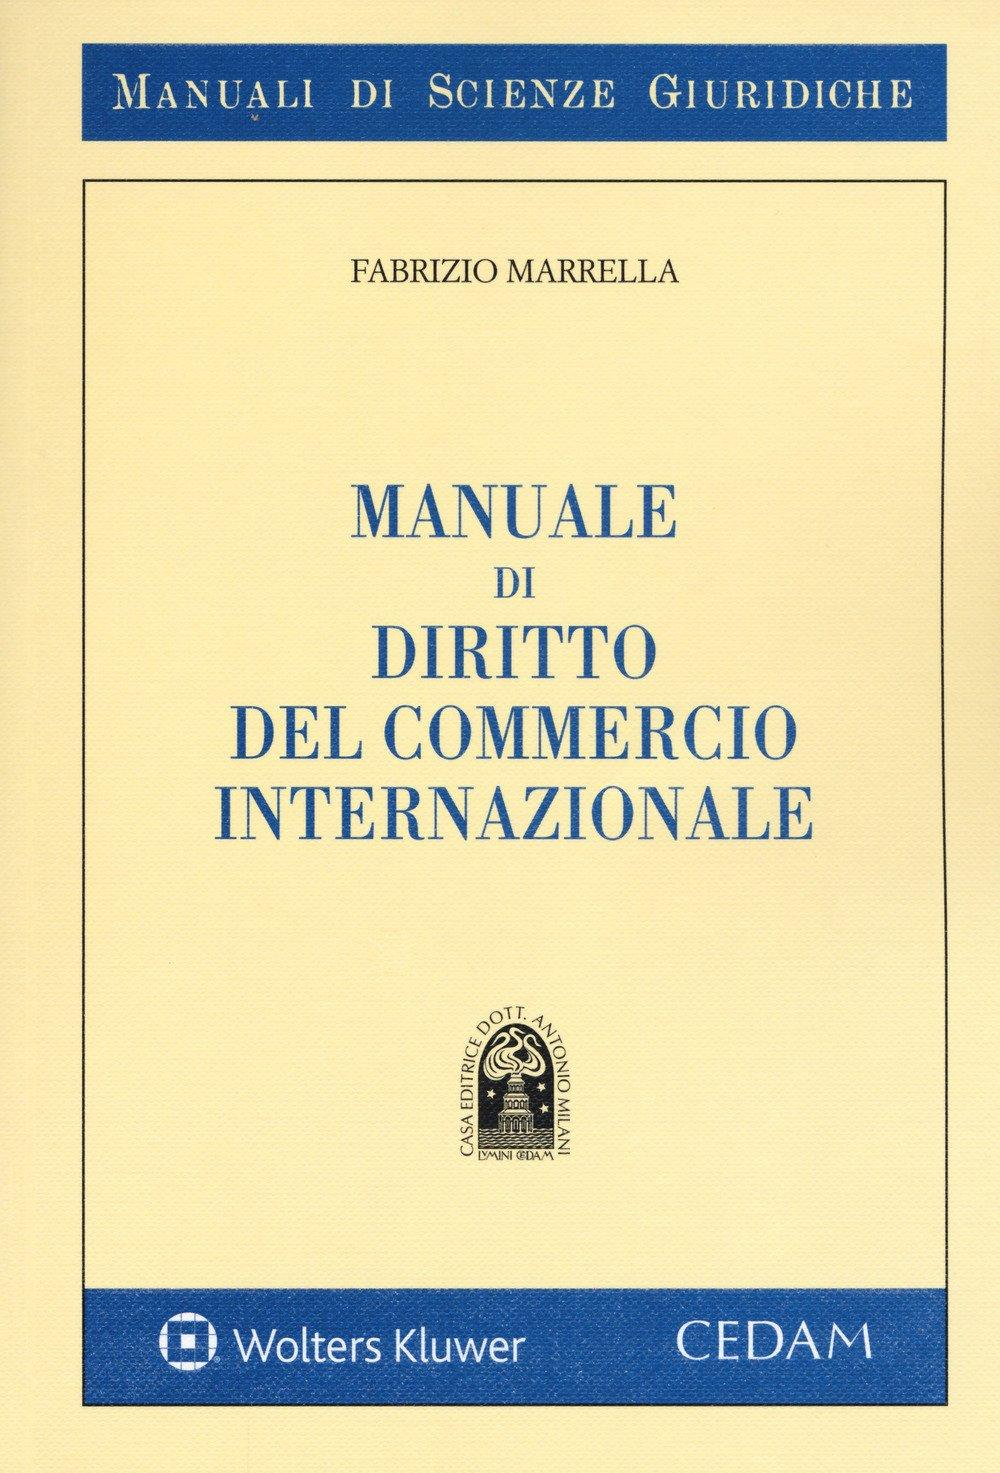 Manuale di diritto del commercio internazionale Copertina flessibile – 4 set 2017 Fabrizio Marrella CEDAM 8813362935